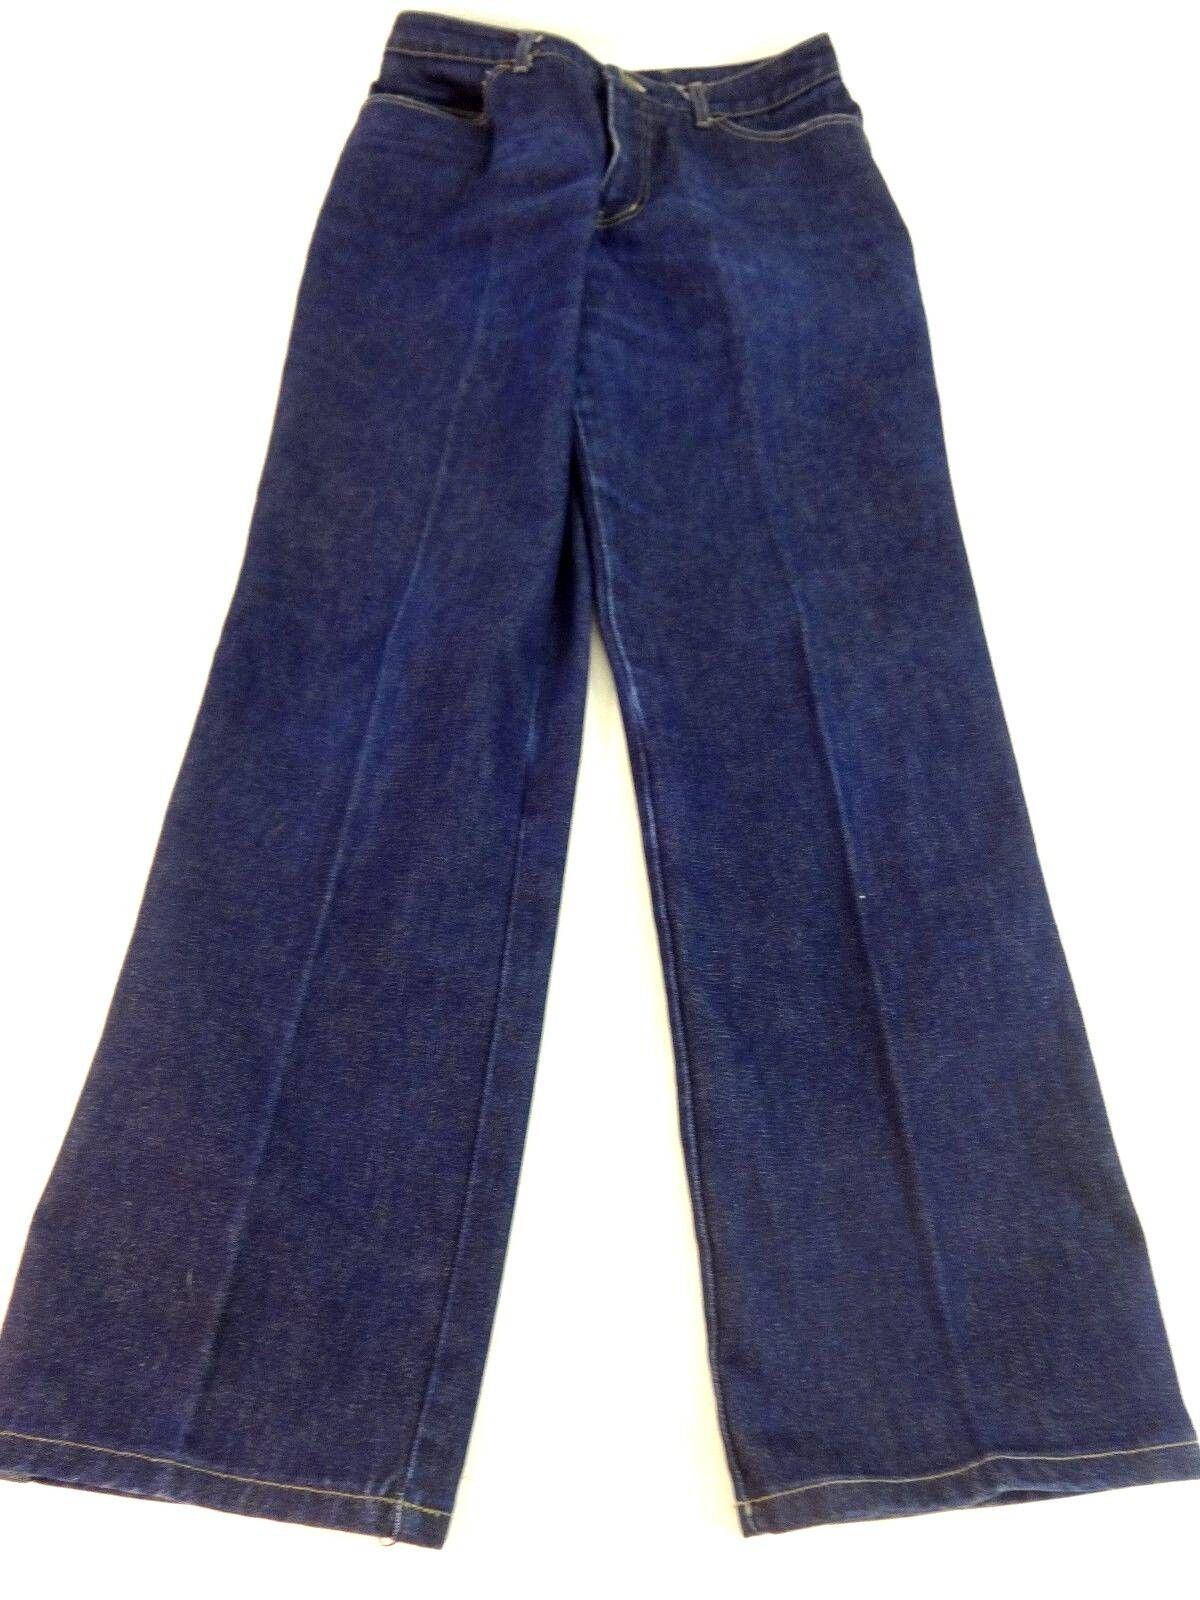 1bbd1408ab325 Details about NWOT LIZ CLAIBORNE WOMENS DARK WASH BLUE DENIM WIDE STRAIGHT  LEG JEANS SIZE 12